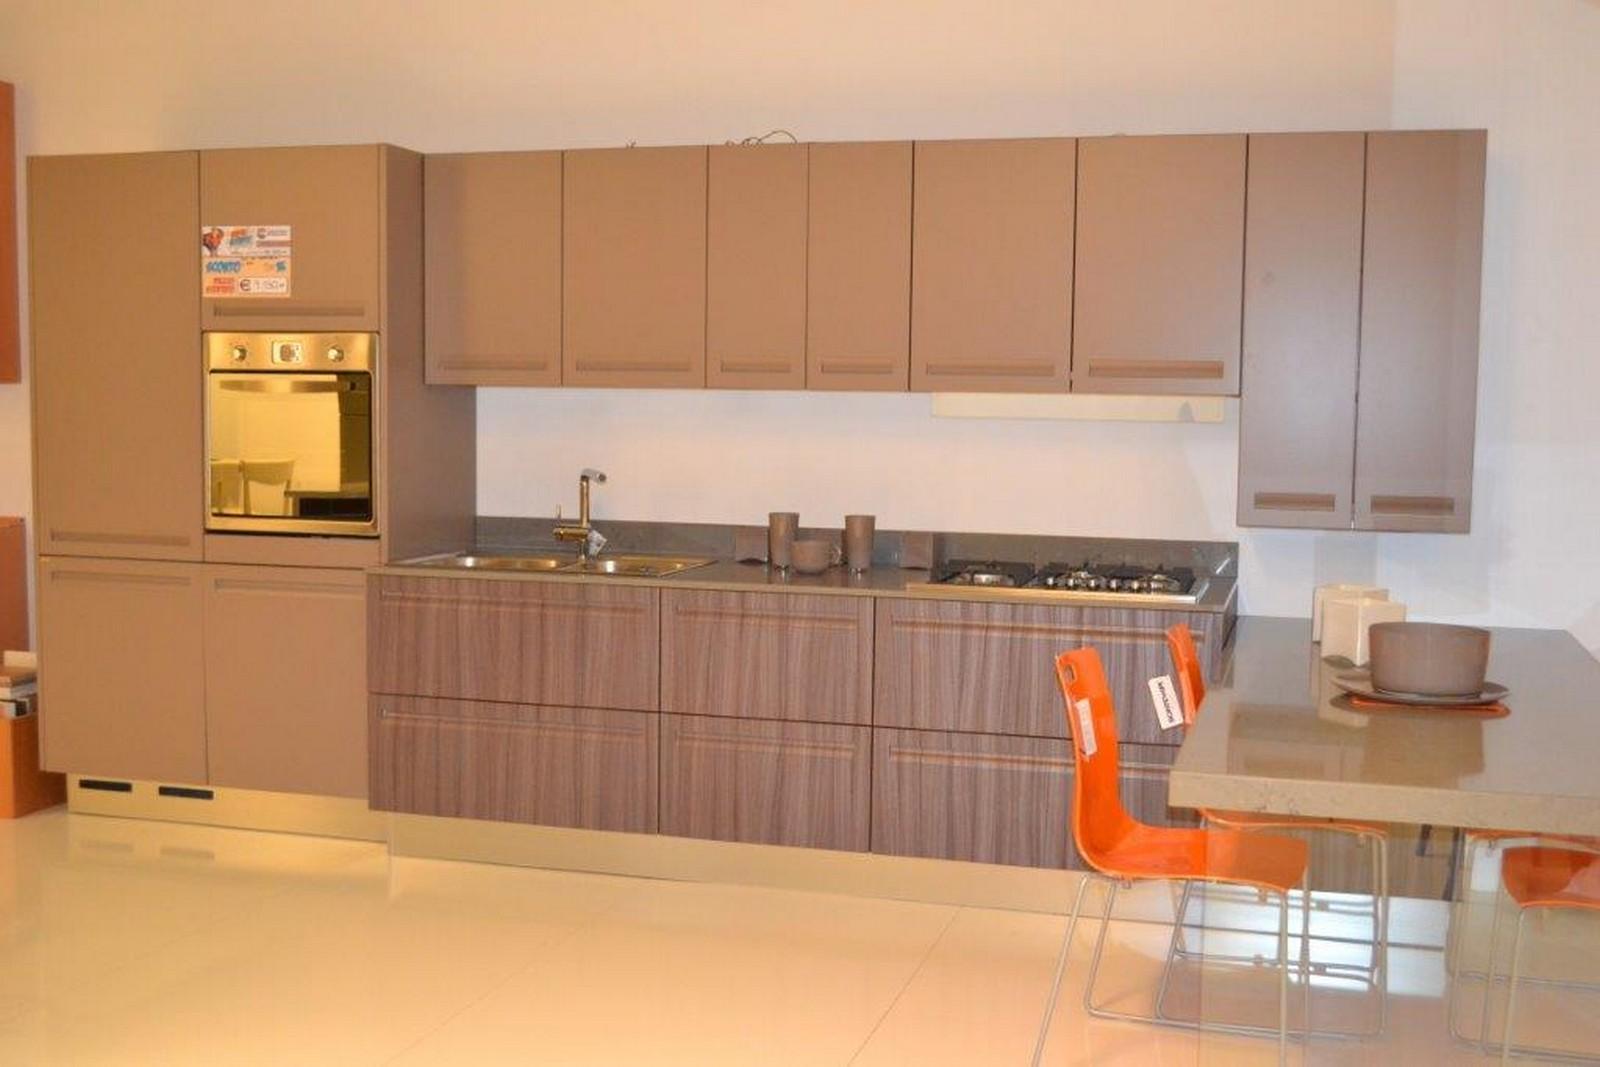 Centro Dell Arredamento Savona Of Cucina Campiglio Scic Centro Dell 39 Arredamento Di Savona